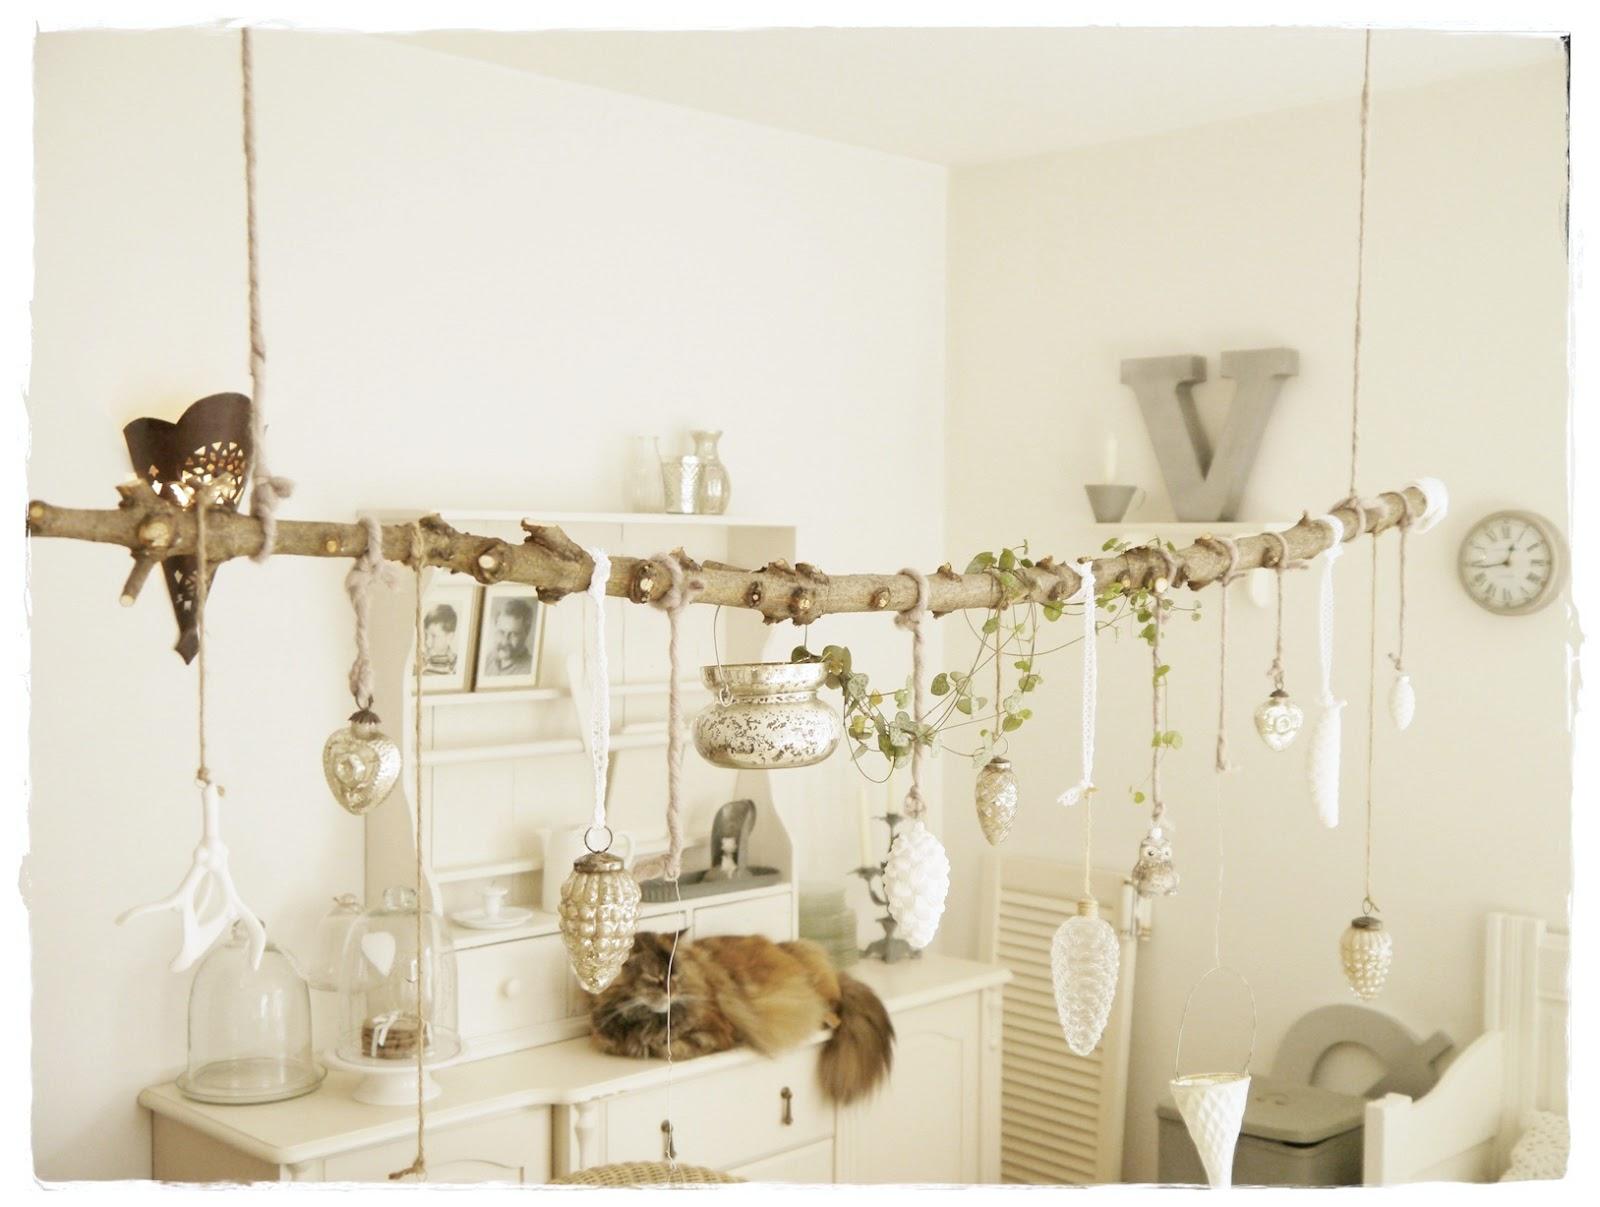 schwedische deko upcycling and franz sischer landhausstil on pinterest. Black Bedroom Furniture Sets. Home Design Ideas